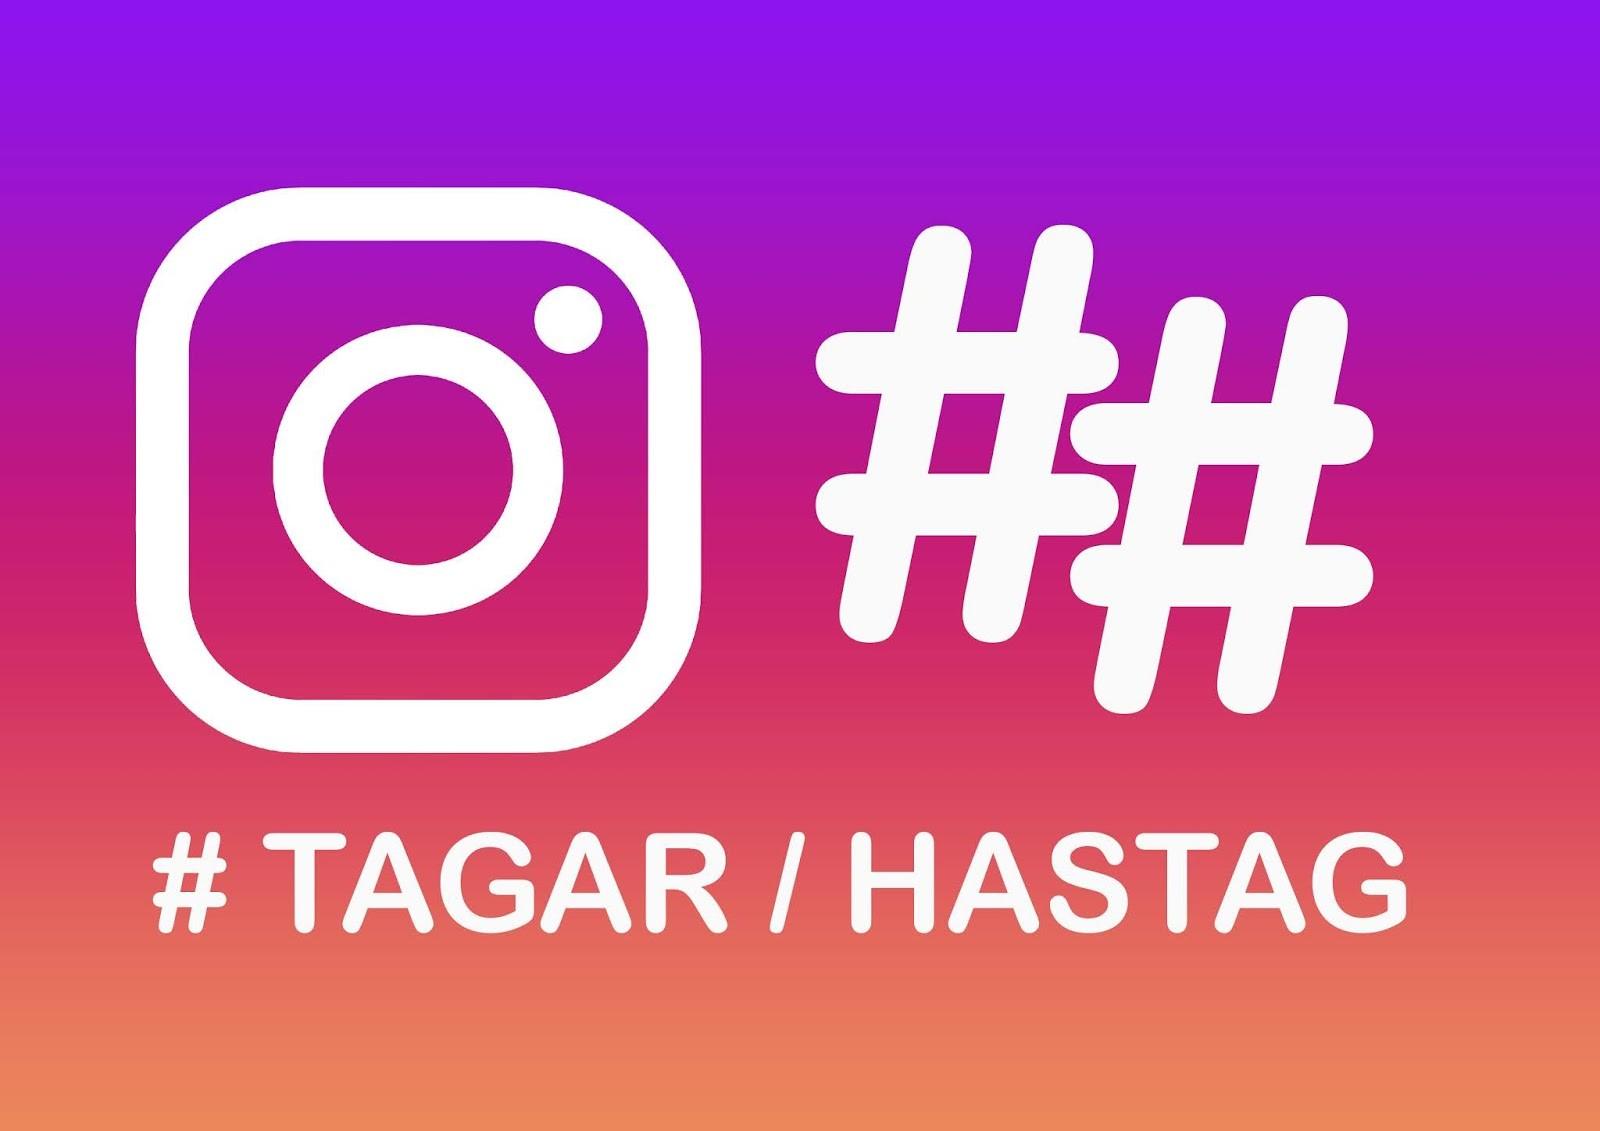 520_4_manfaat_menggunakan_hashtag_instagram.jpg